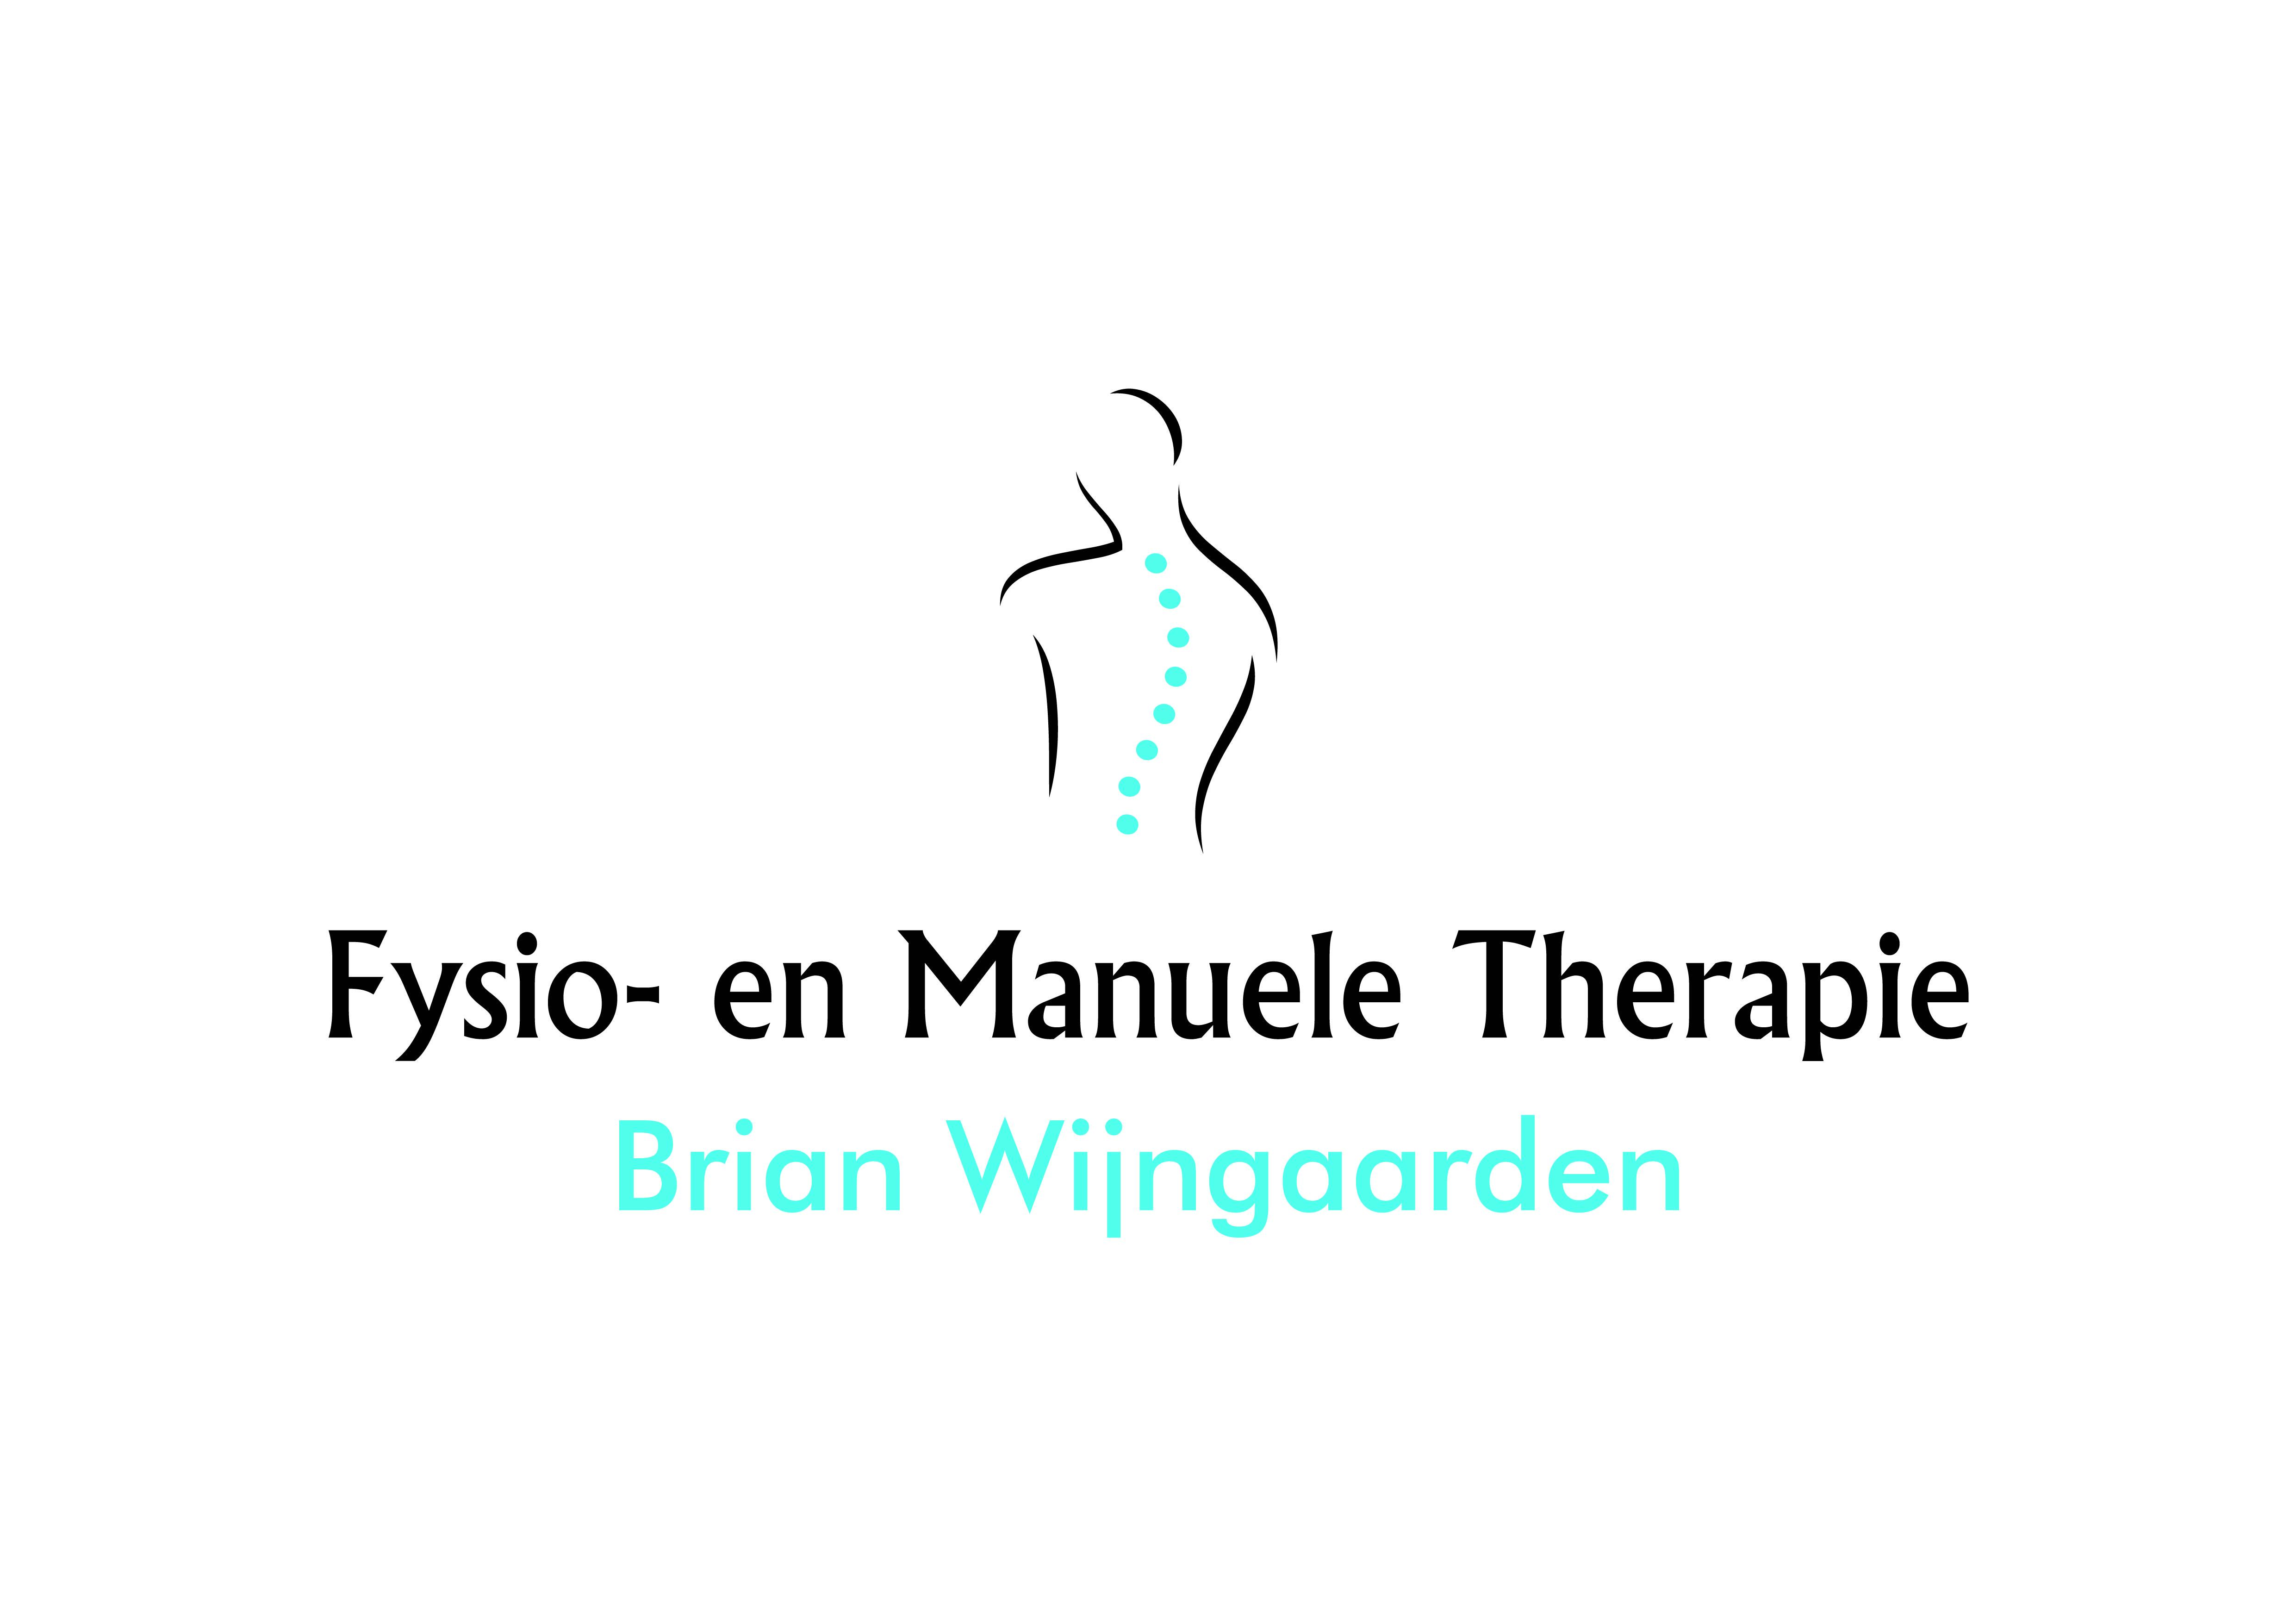 Fysiotherapie en Manuele Therapie Brian Wijngaarden